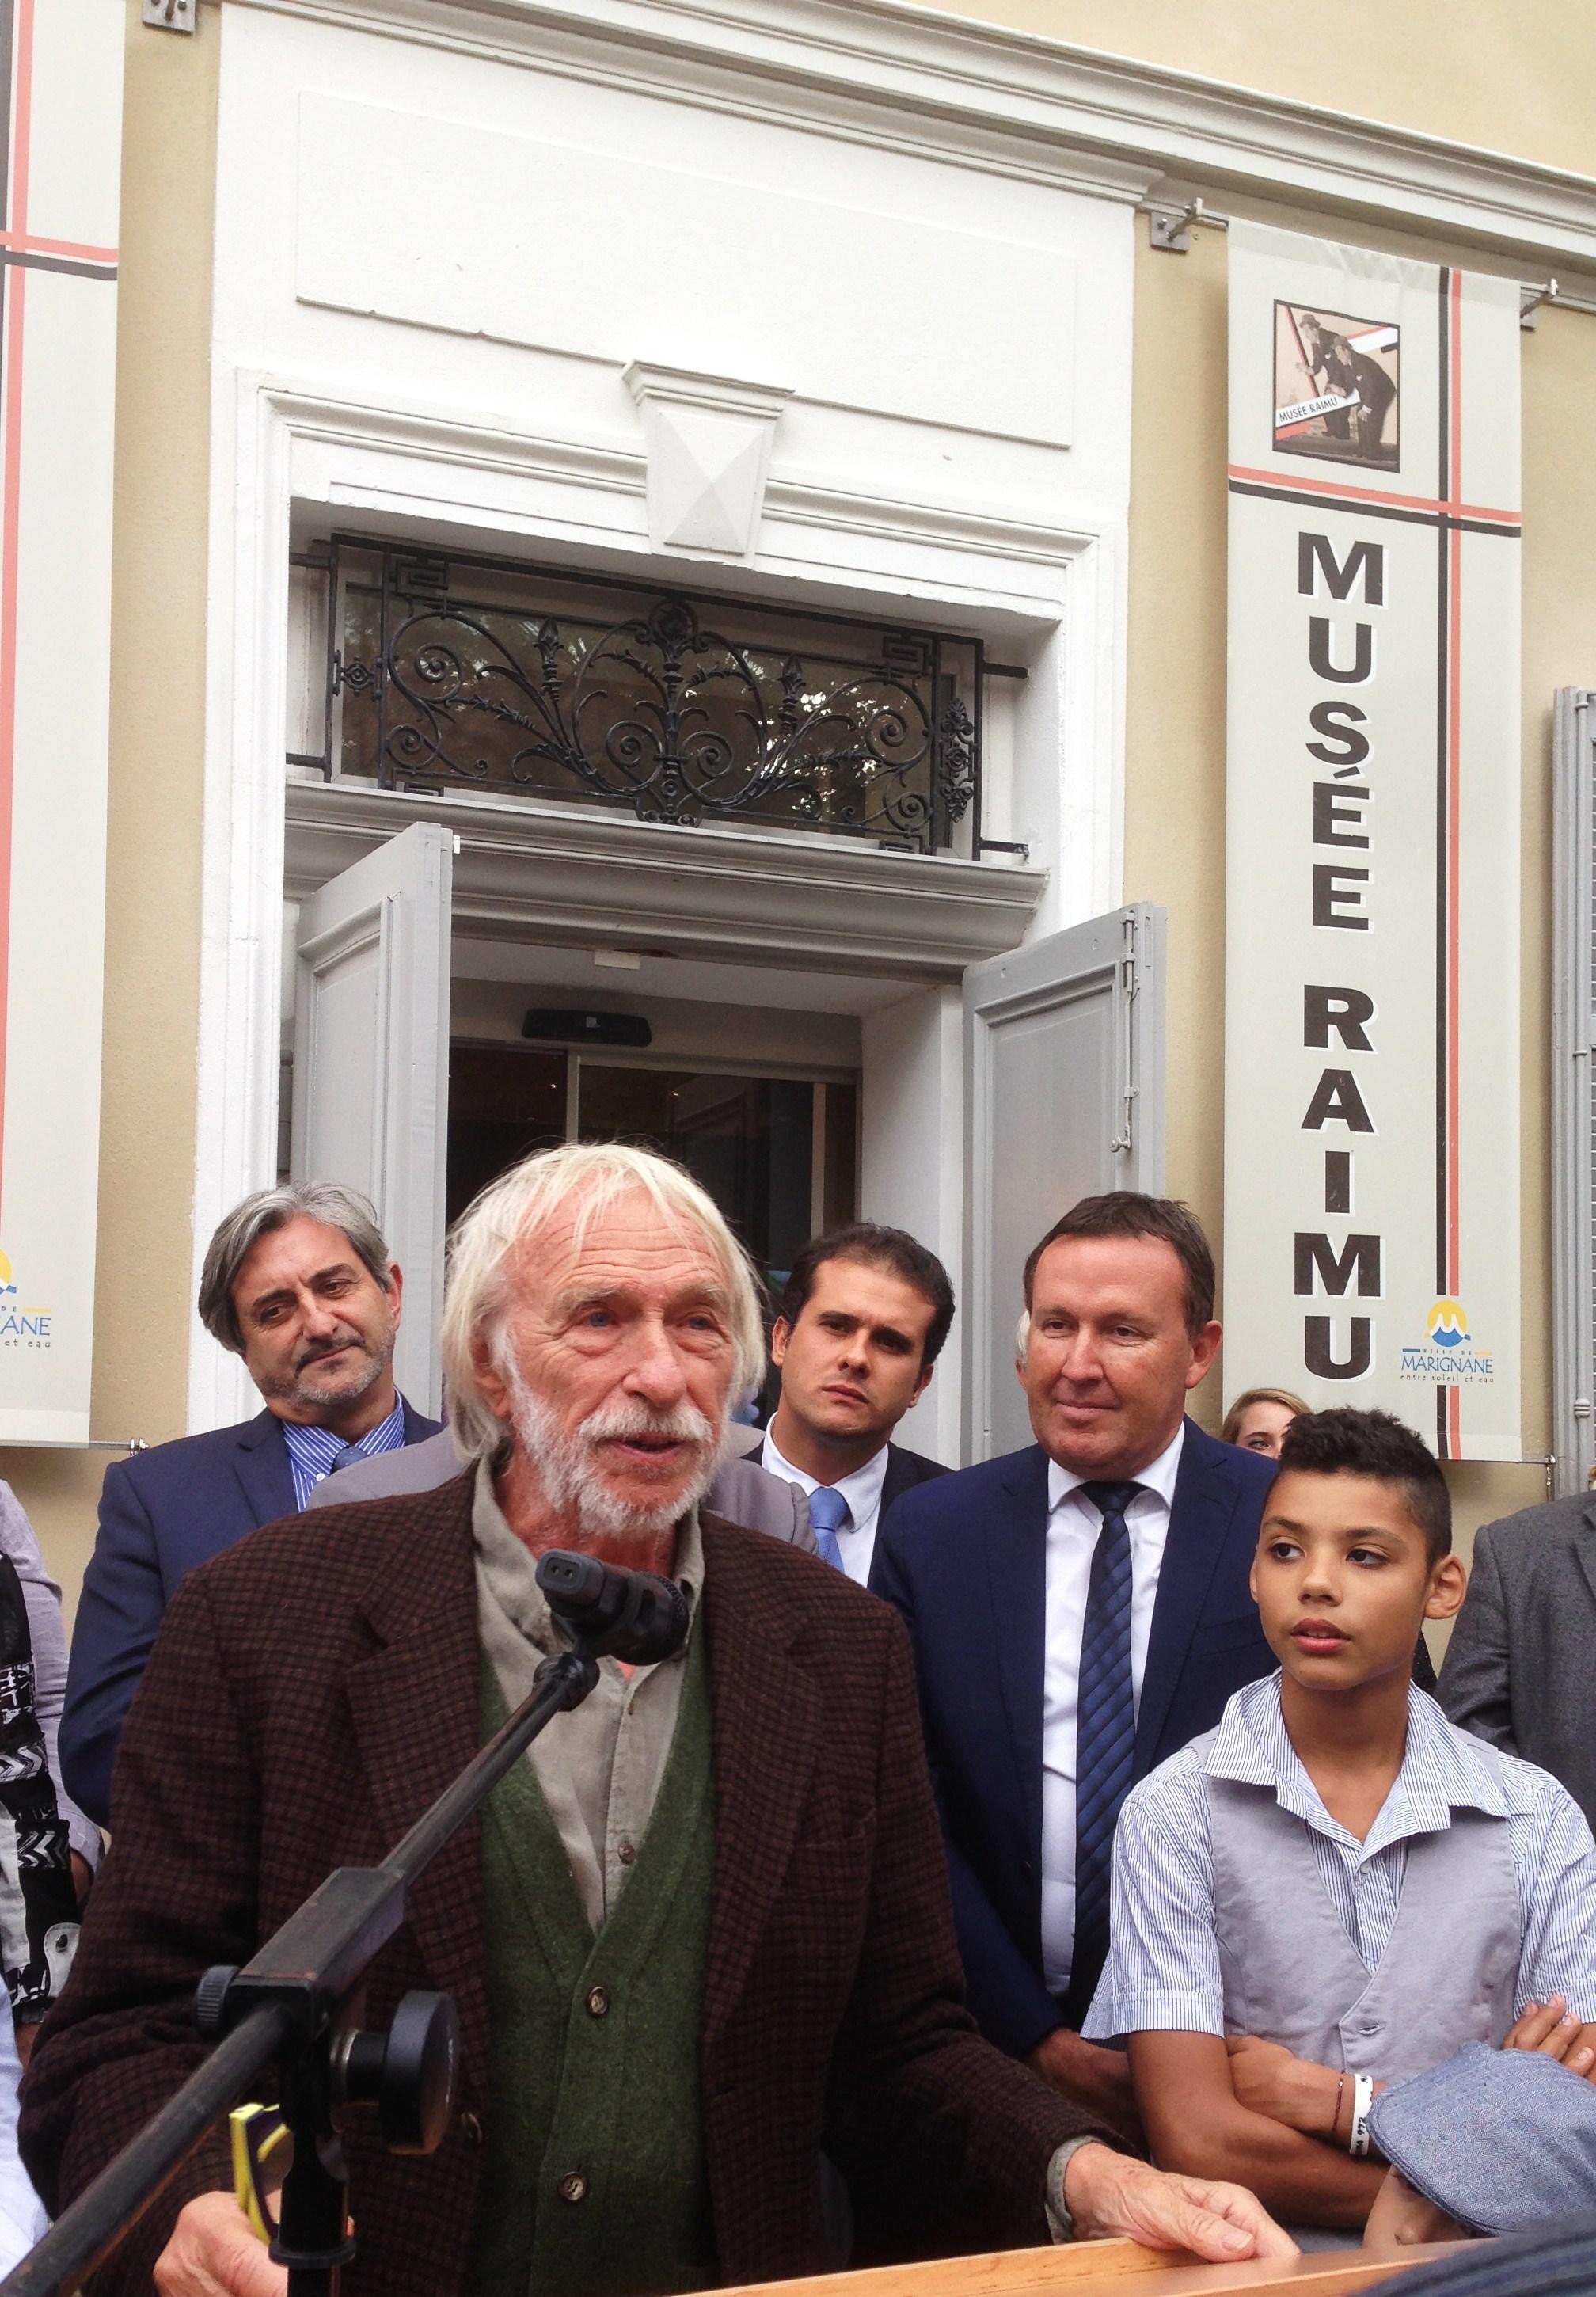 Pierre Richard parrain du musée Raimu